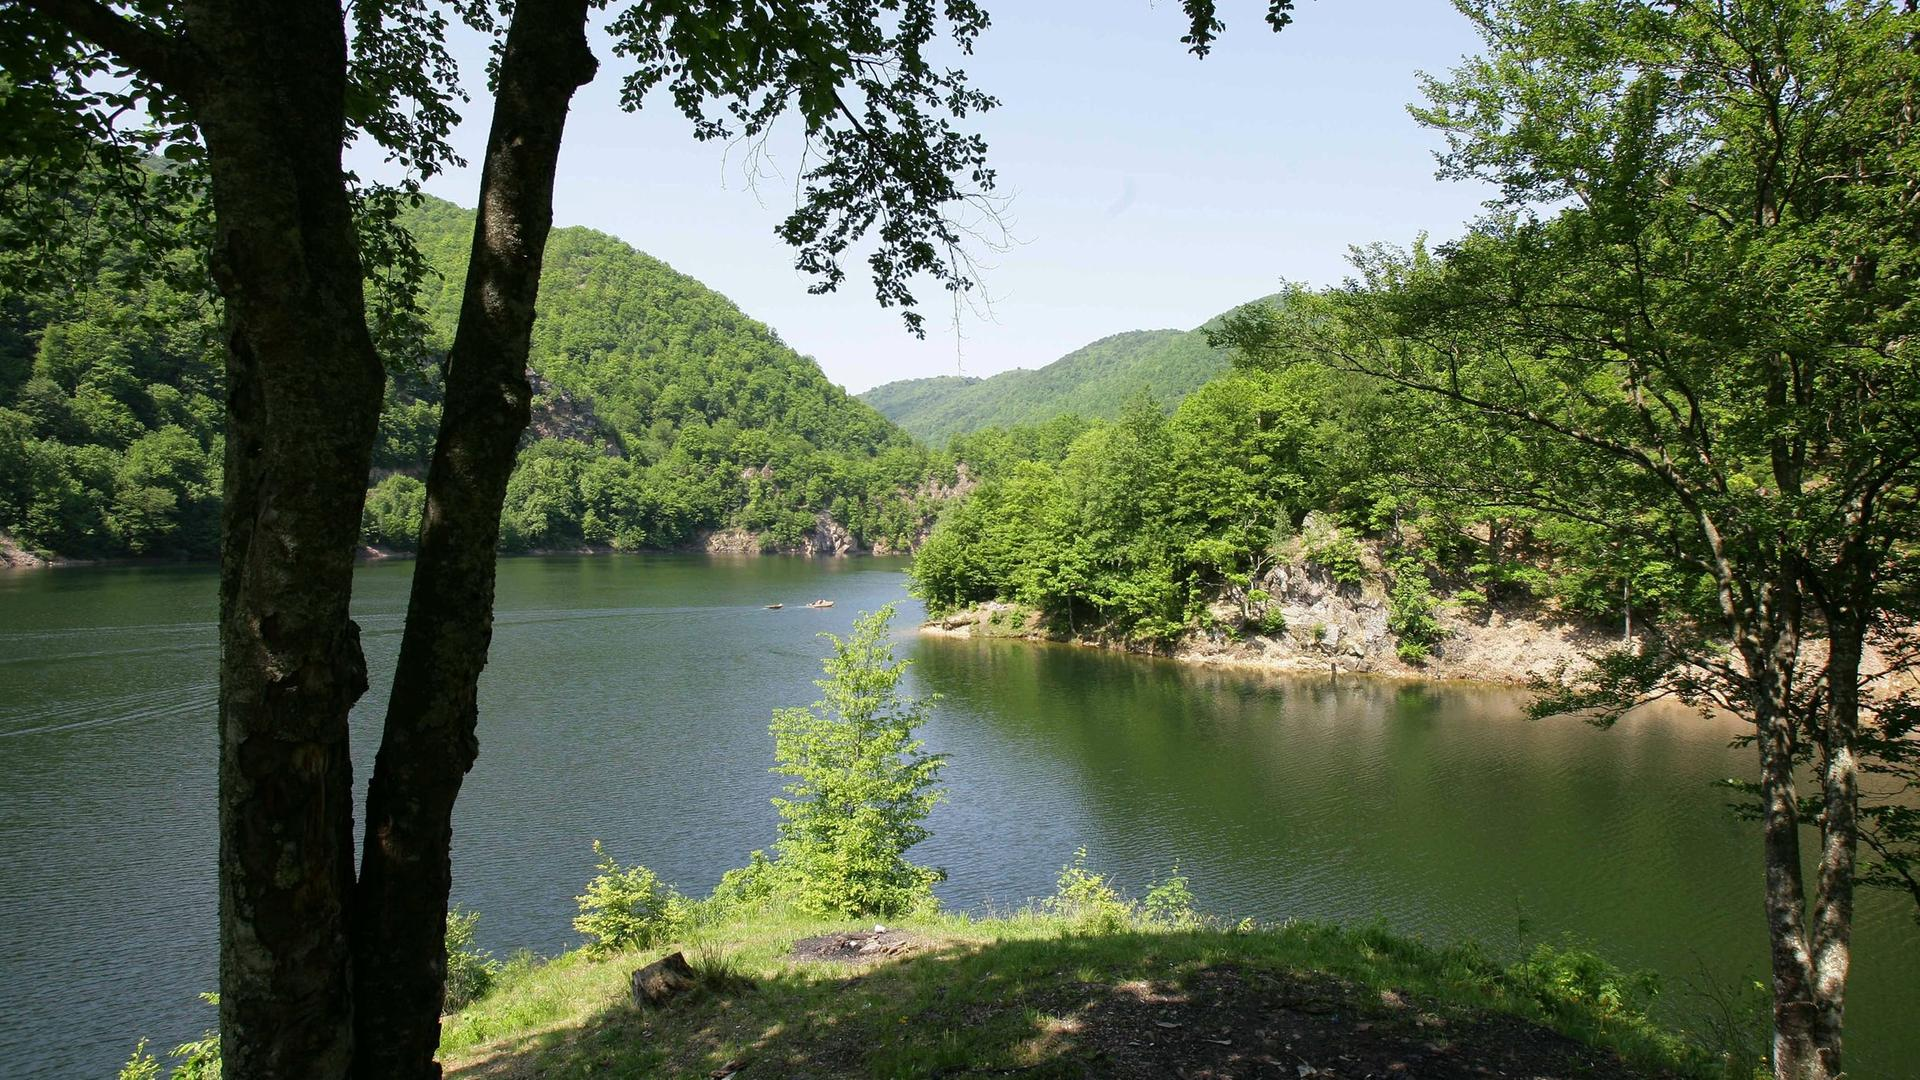 Wald- und Seengebiet bei Cluj-Napoca (Klausenburg) in Rumänien.